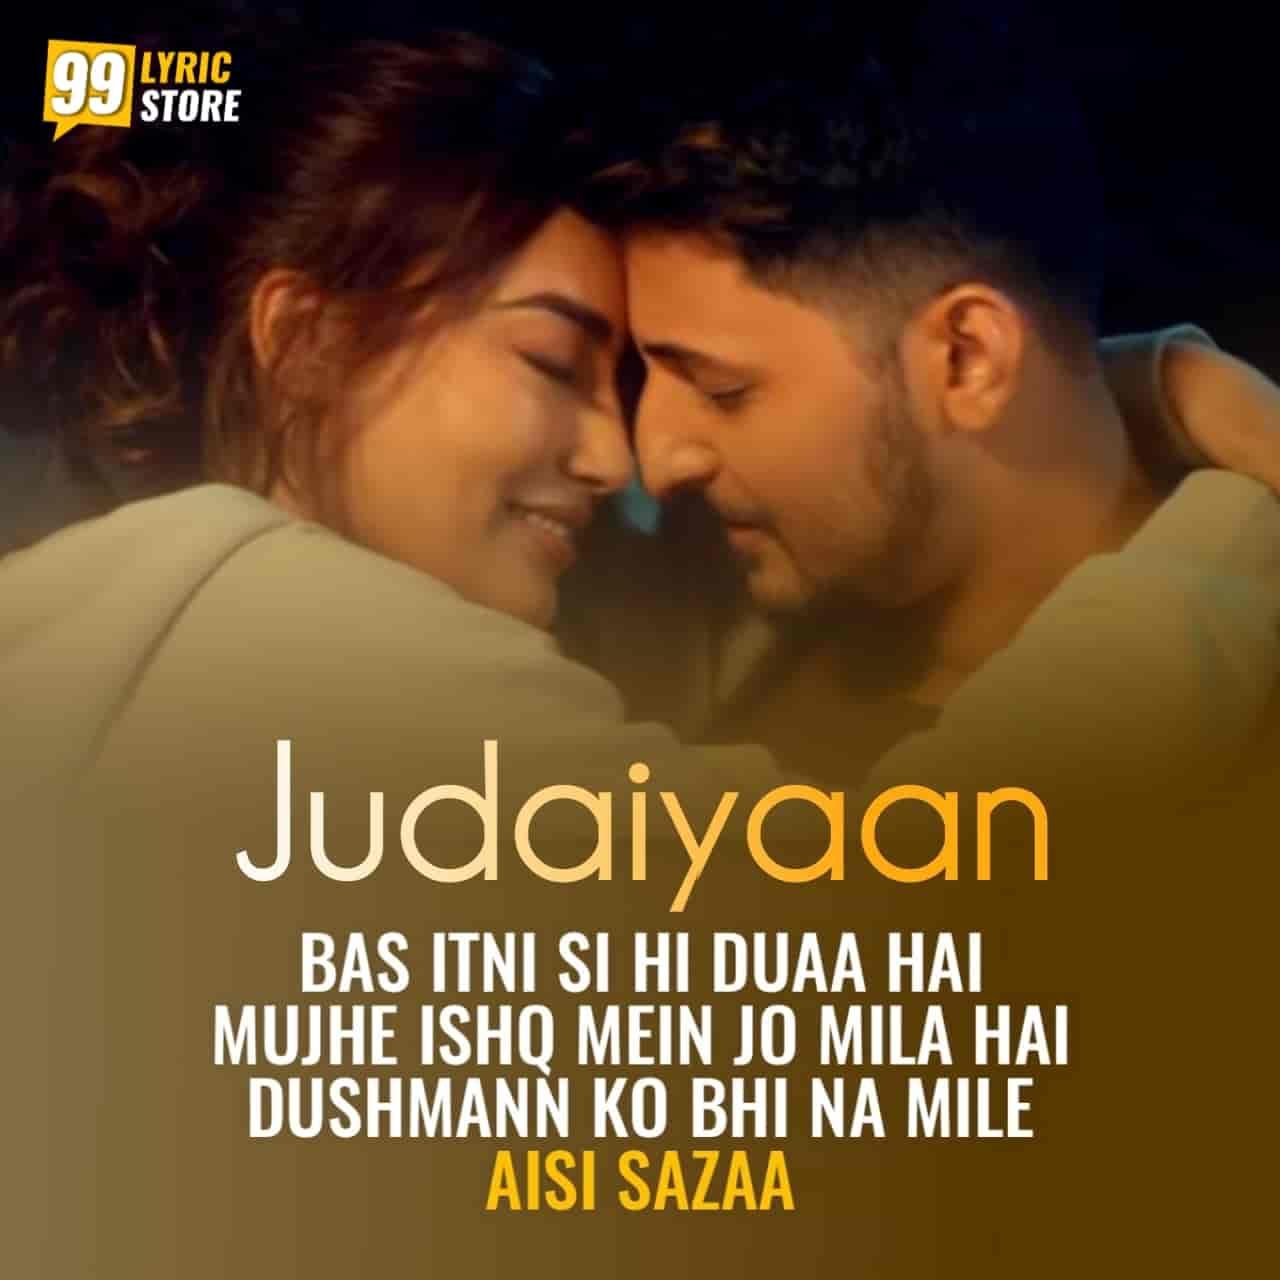 Judaiyaan Hindi Song Image Features Darshan Raval and Surbhi Jyoti